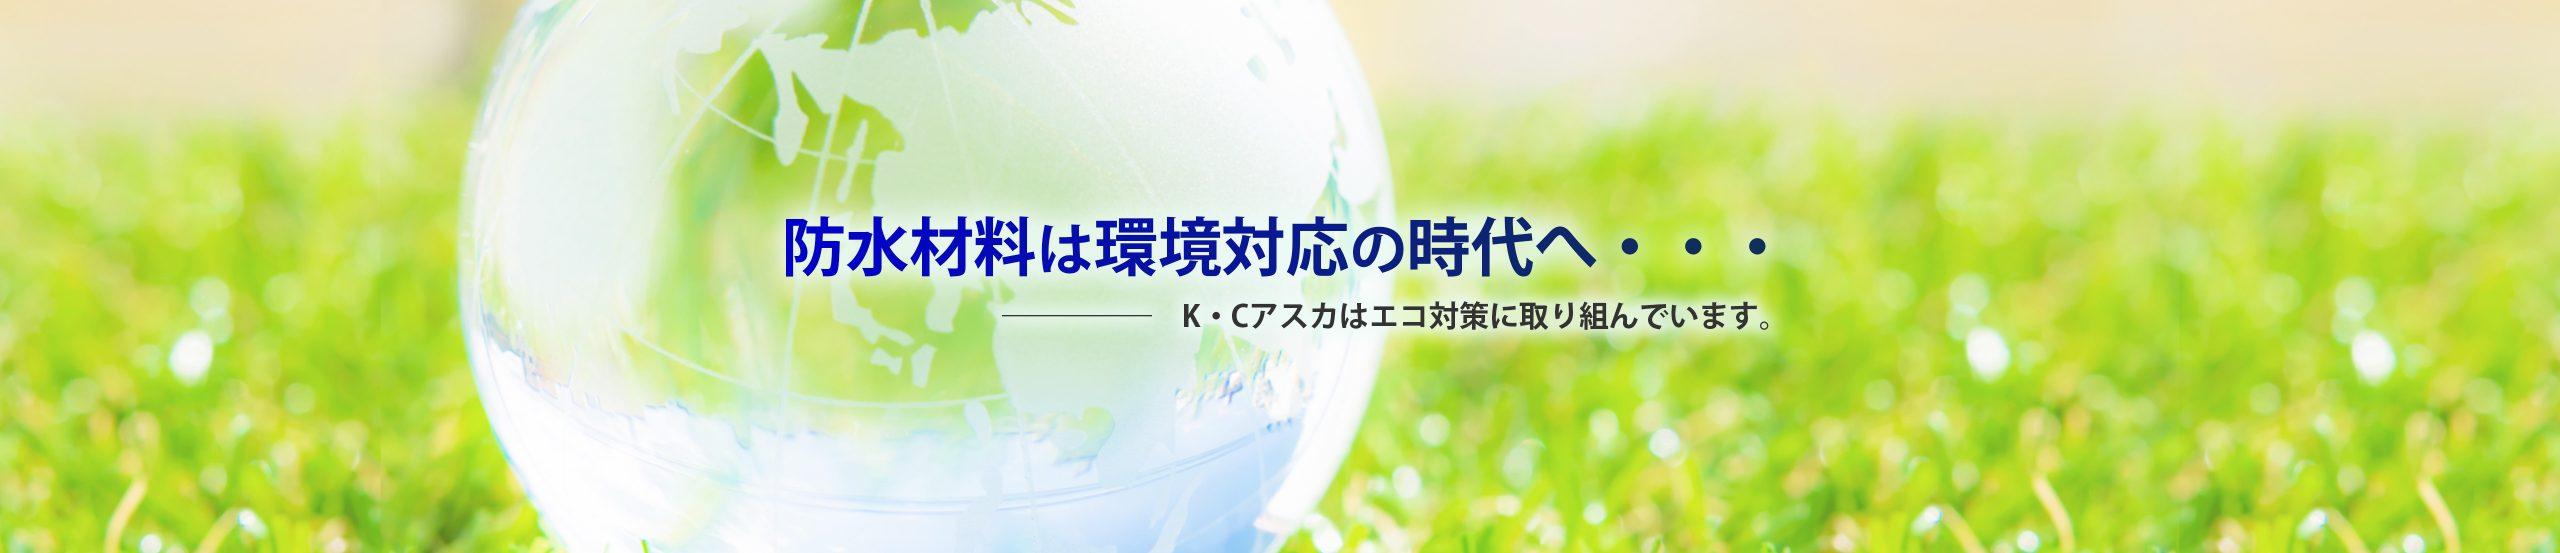 防水素材は環境対応の時代へ… ――K・Cアスカはエコ対策に取り組んでいます。 建築資材の株式会社K・Cアスカ